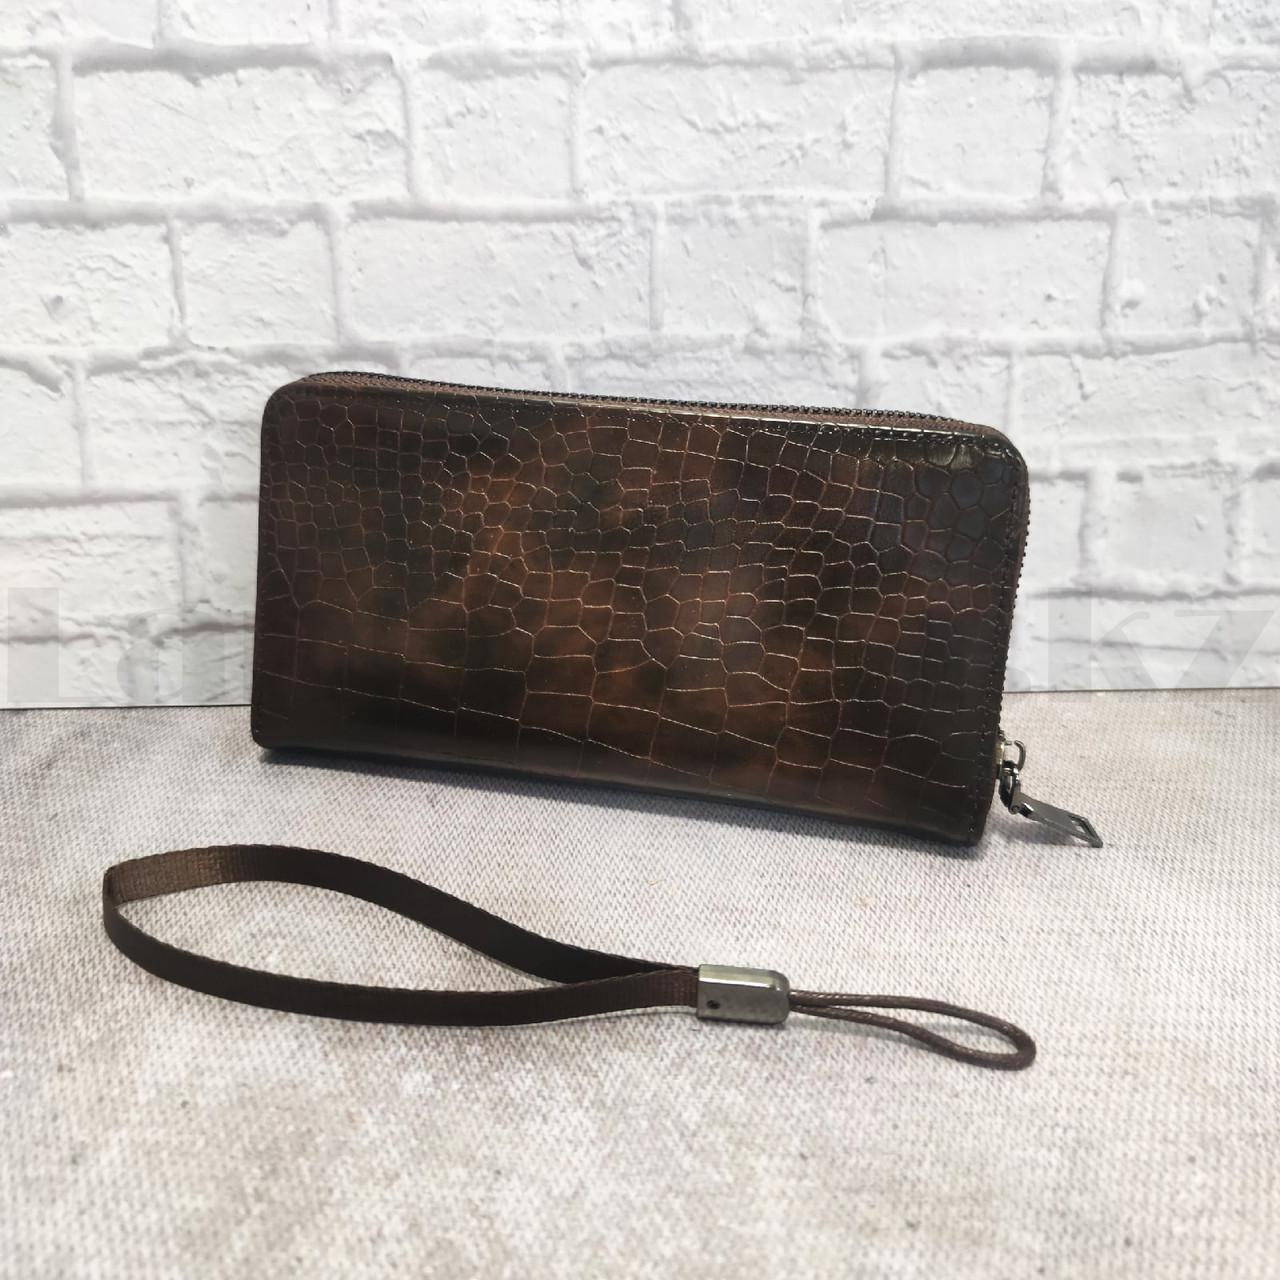 Портмоне со съемной визитницей кошелек кожаный темно-коричневый 341 - фото 9